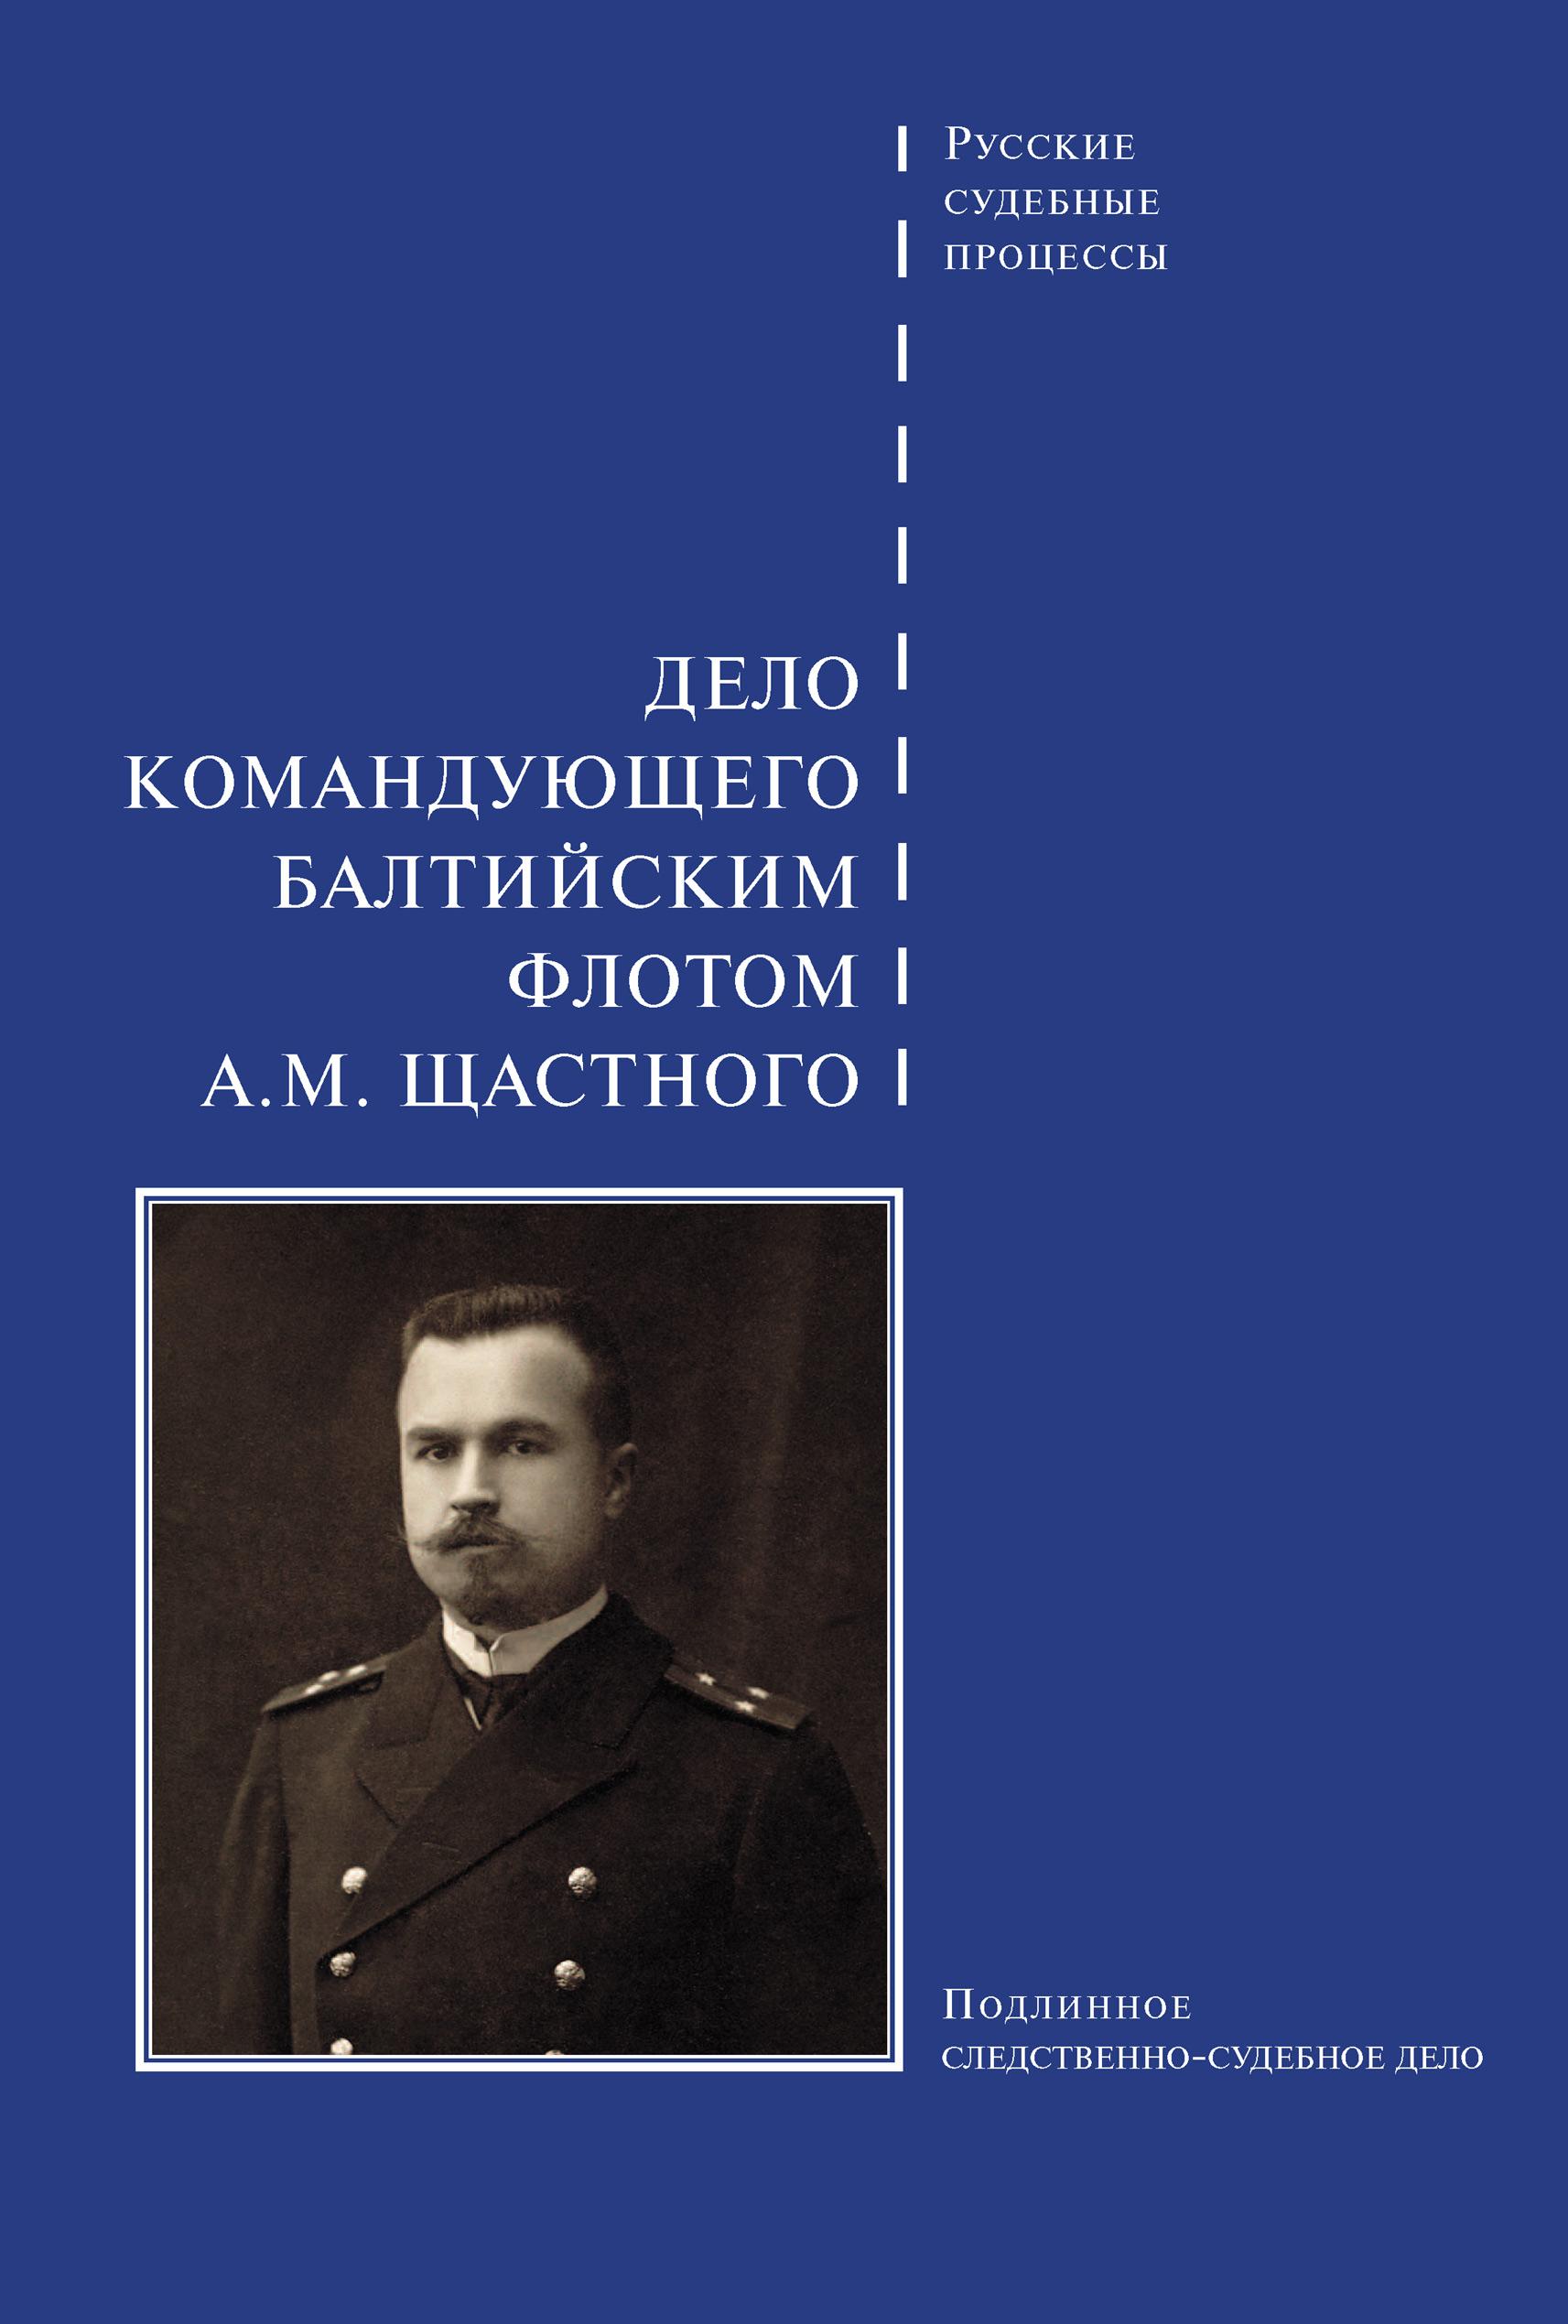 Сборник Дело командующего Балтийским флотом А. М. Щастного дело командующего балтийским флотом щастного